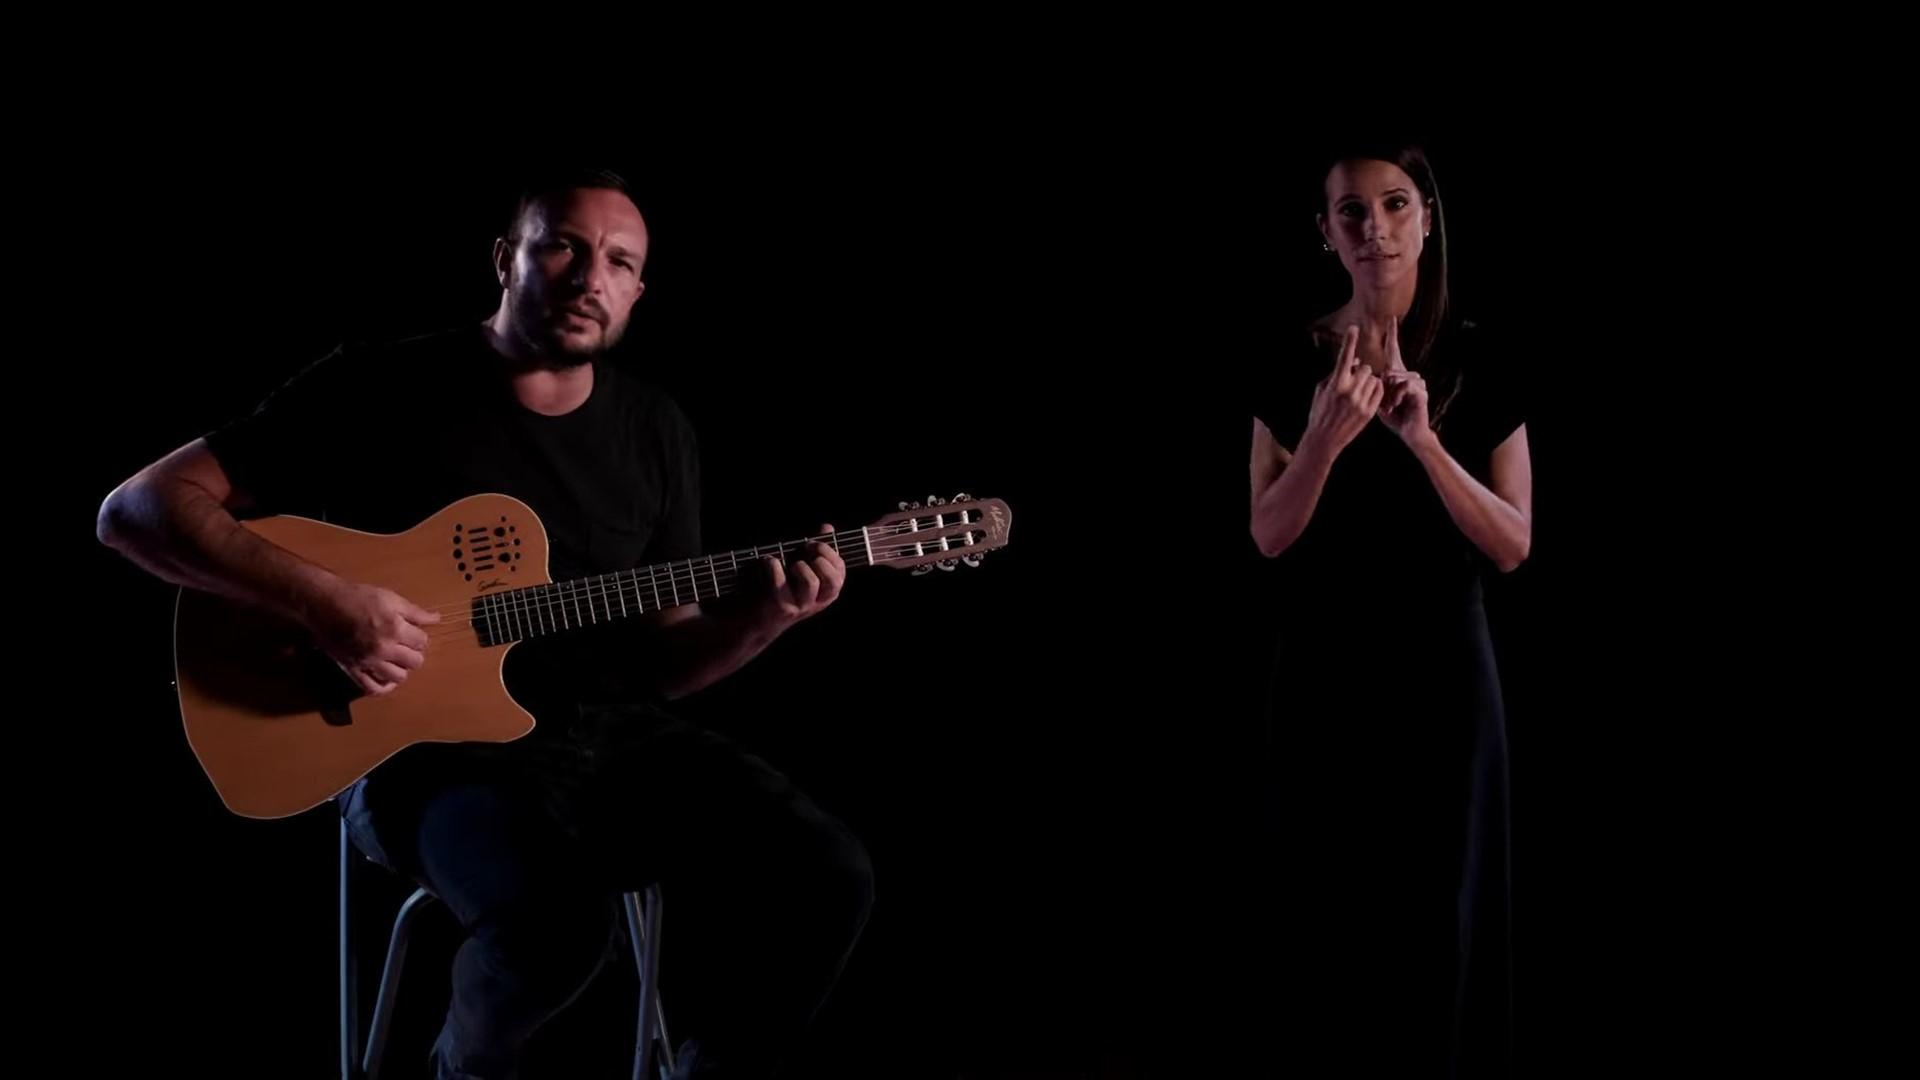 Antonio Carluccio: La parola è il nuovo singolo che anticipa l'album di inediti